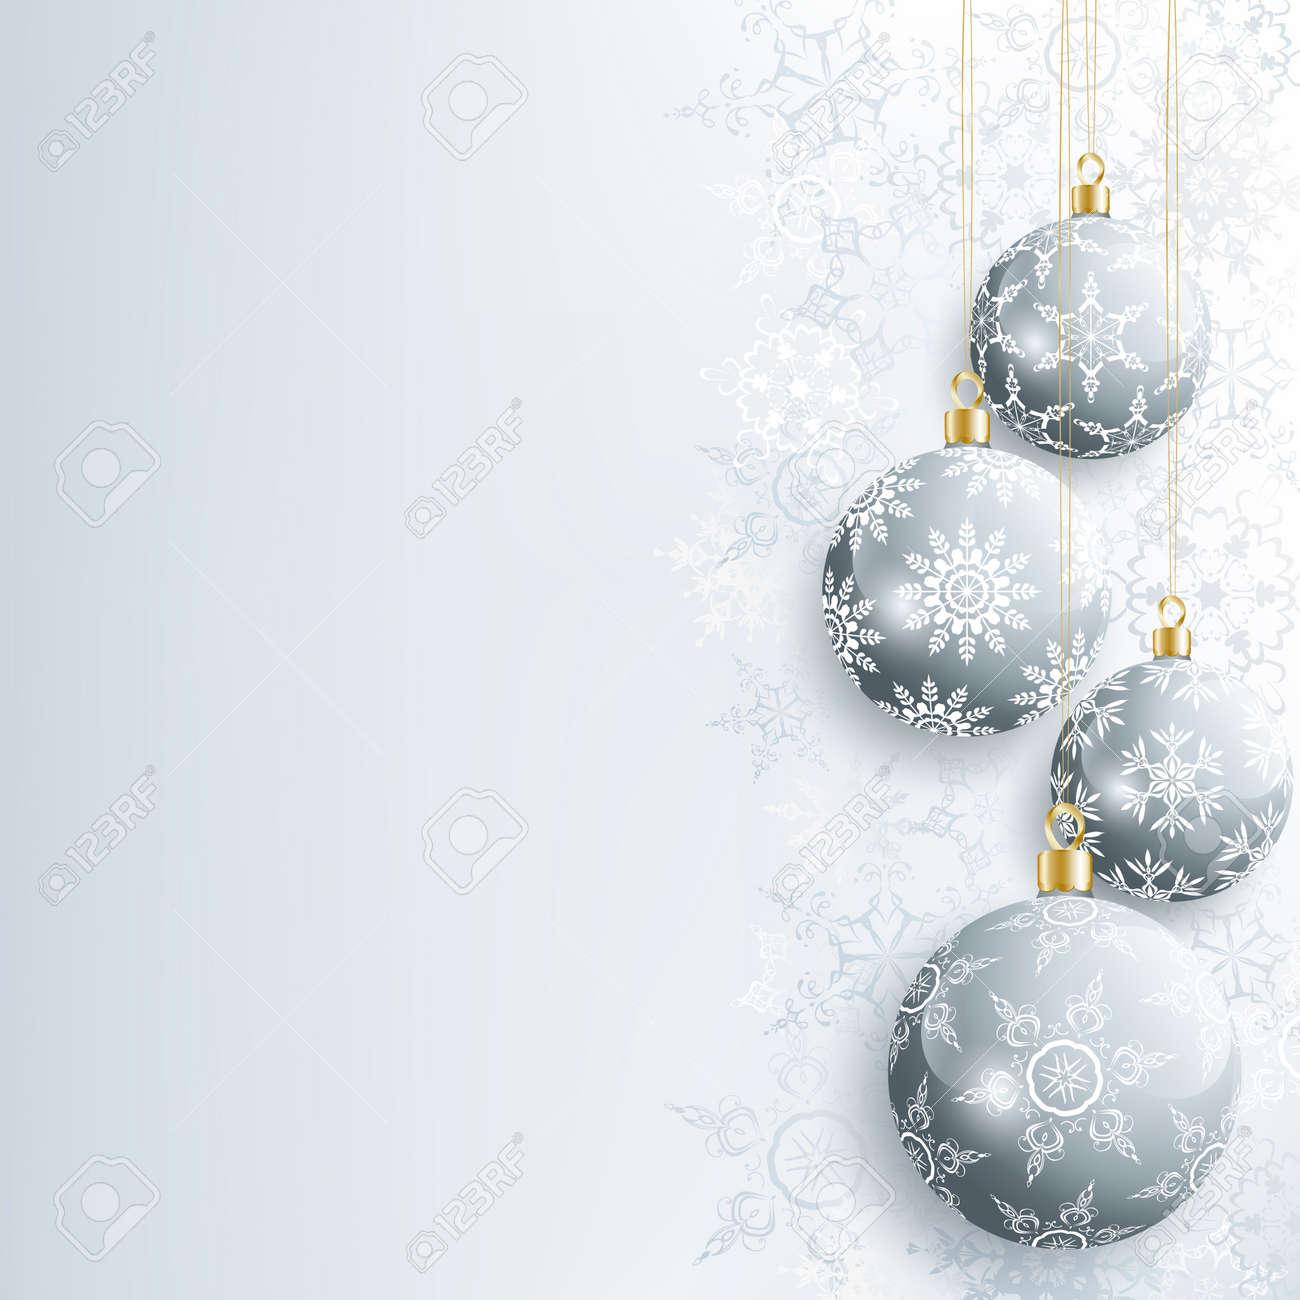 Schöne Festliche Neujahr Und Weihnachten Karte Grau Mit ...